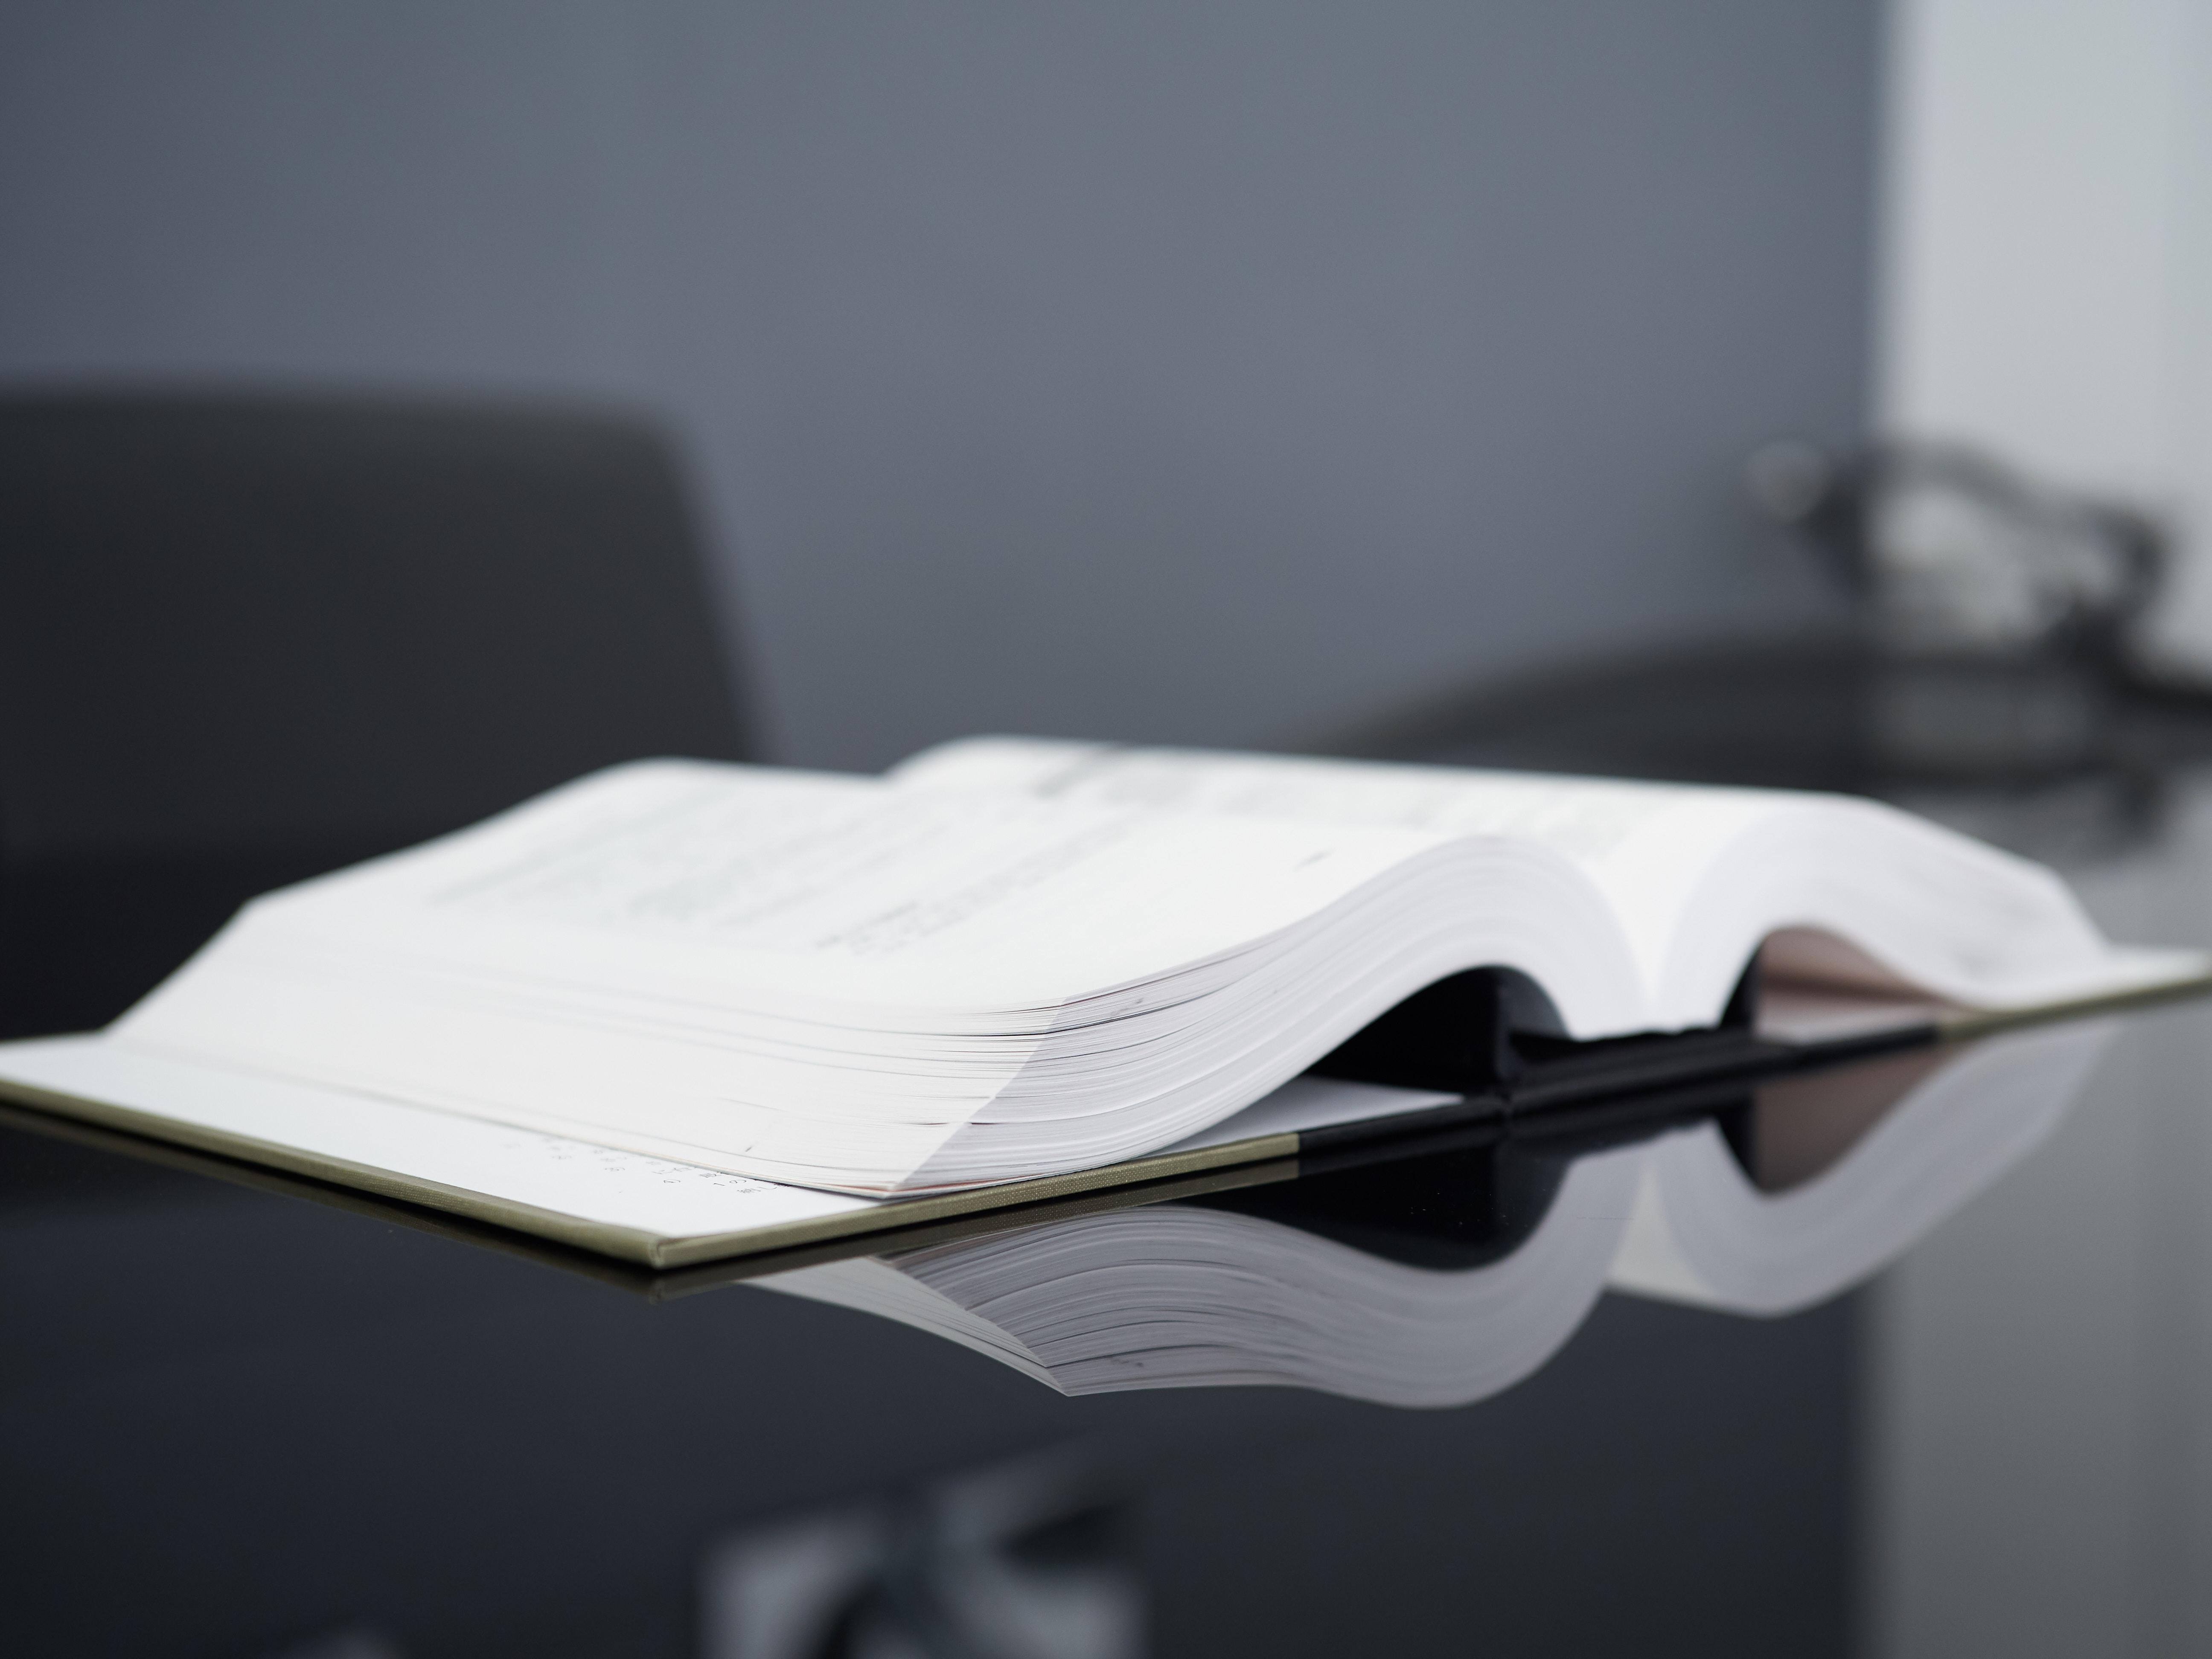 ものづくり補助金の採択要件(審査項目)